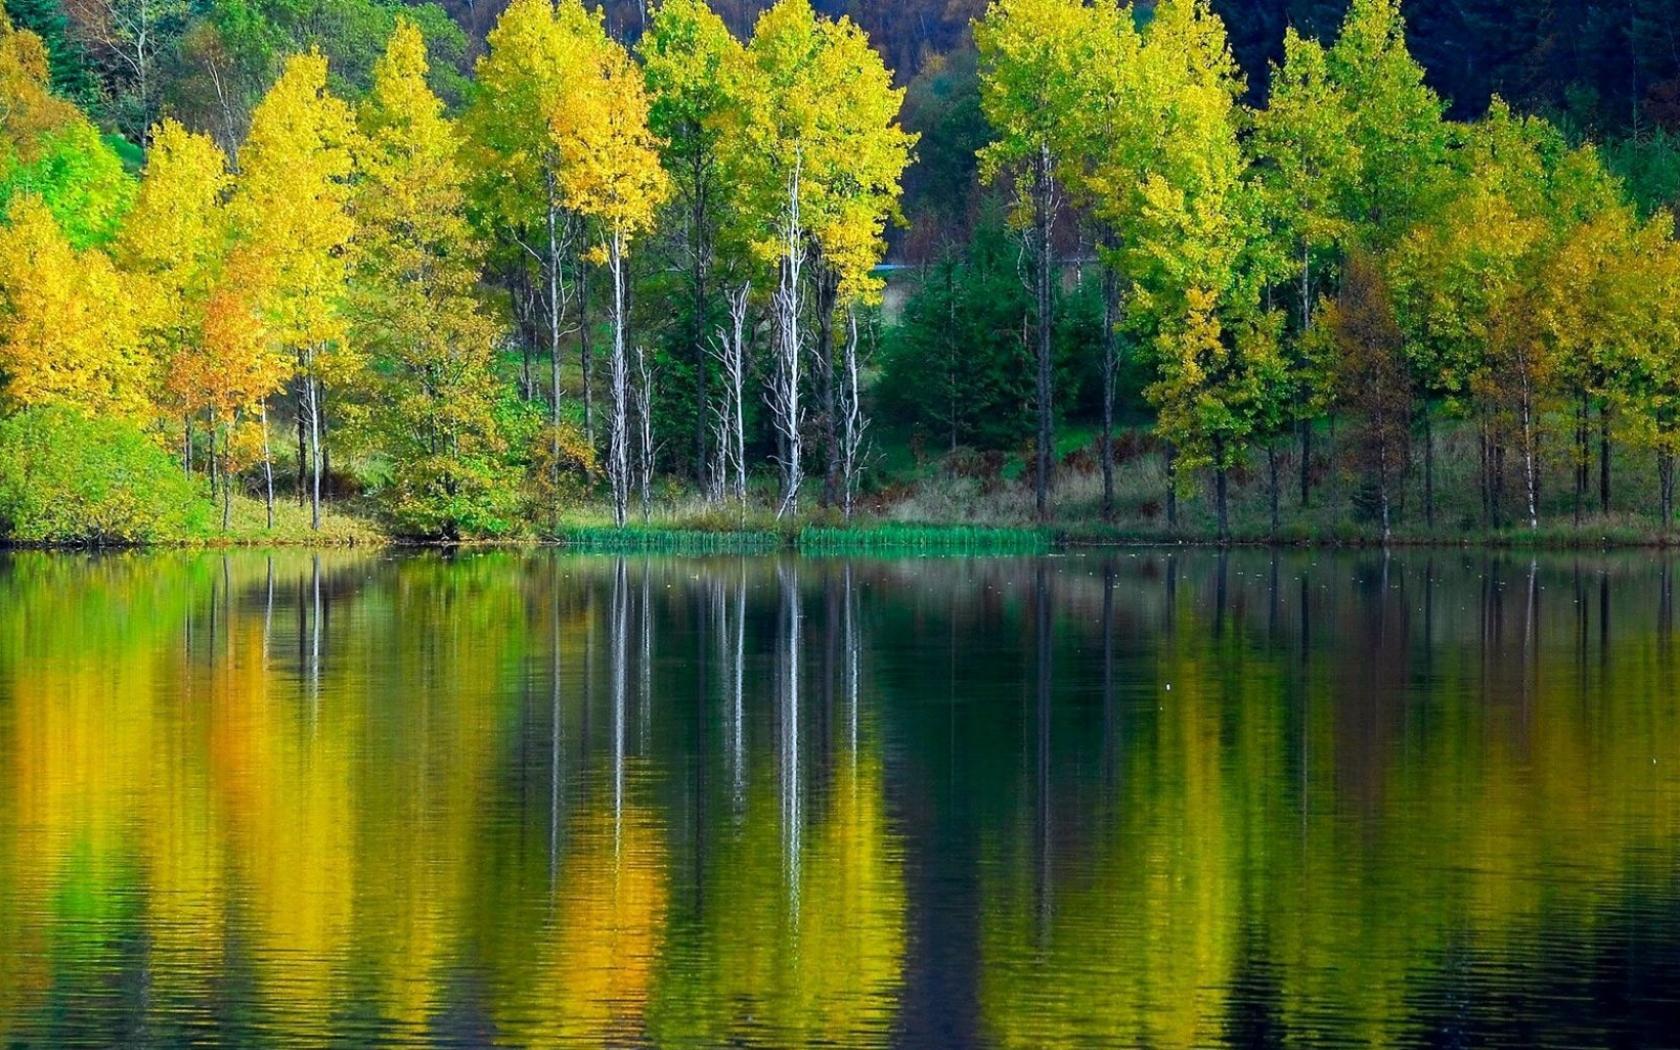 Скачать обои лиственный лес лучи солнца сквозь ветки.